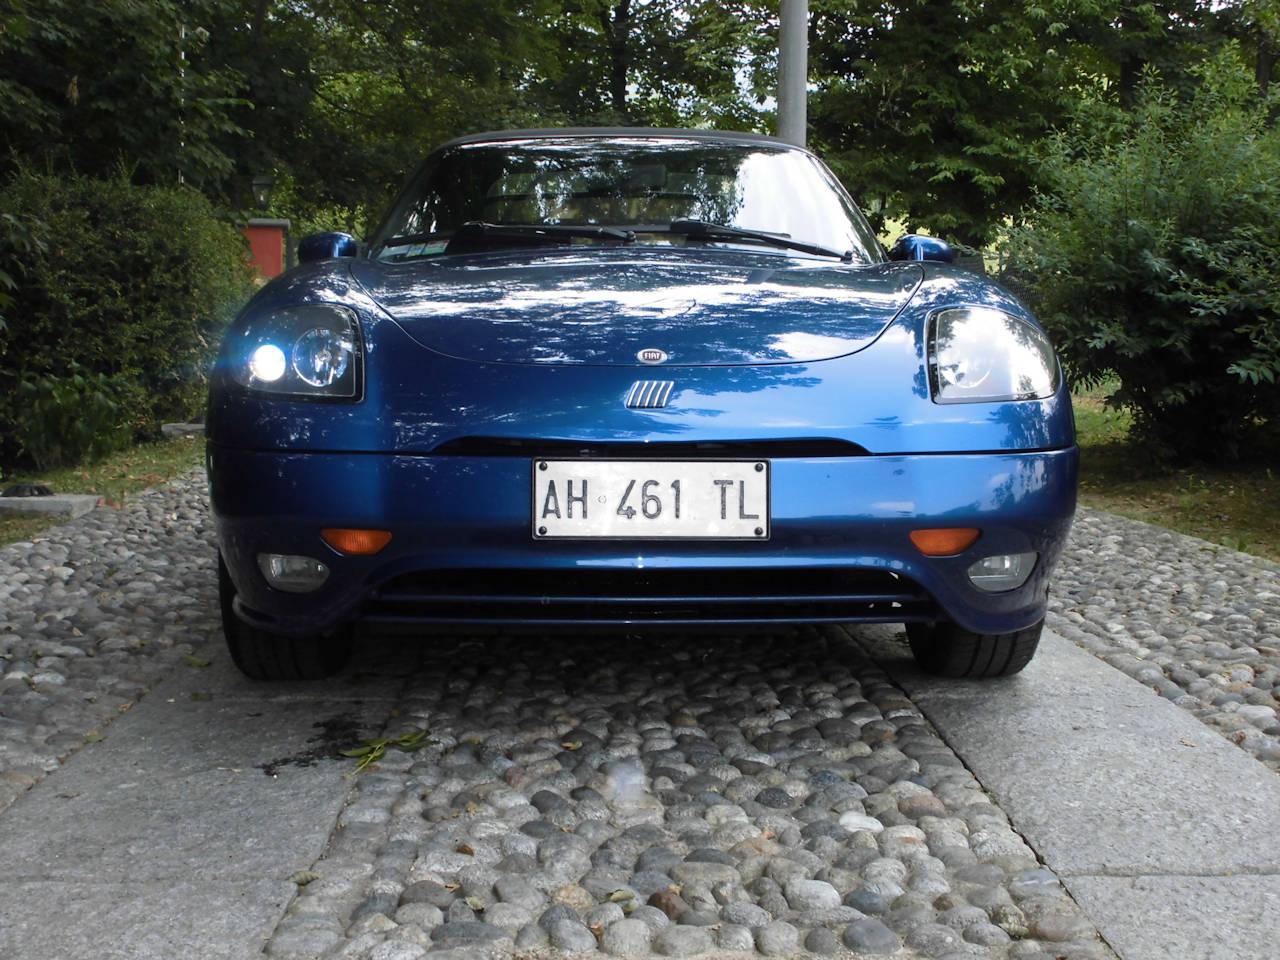 FiatBarchetta95